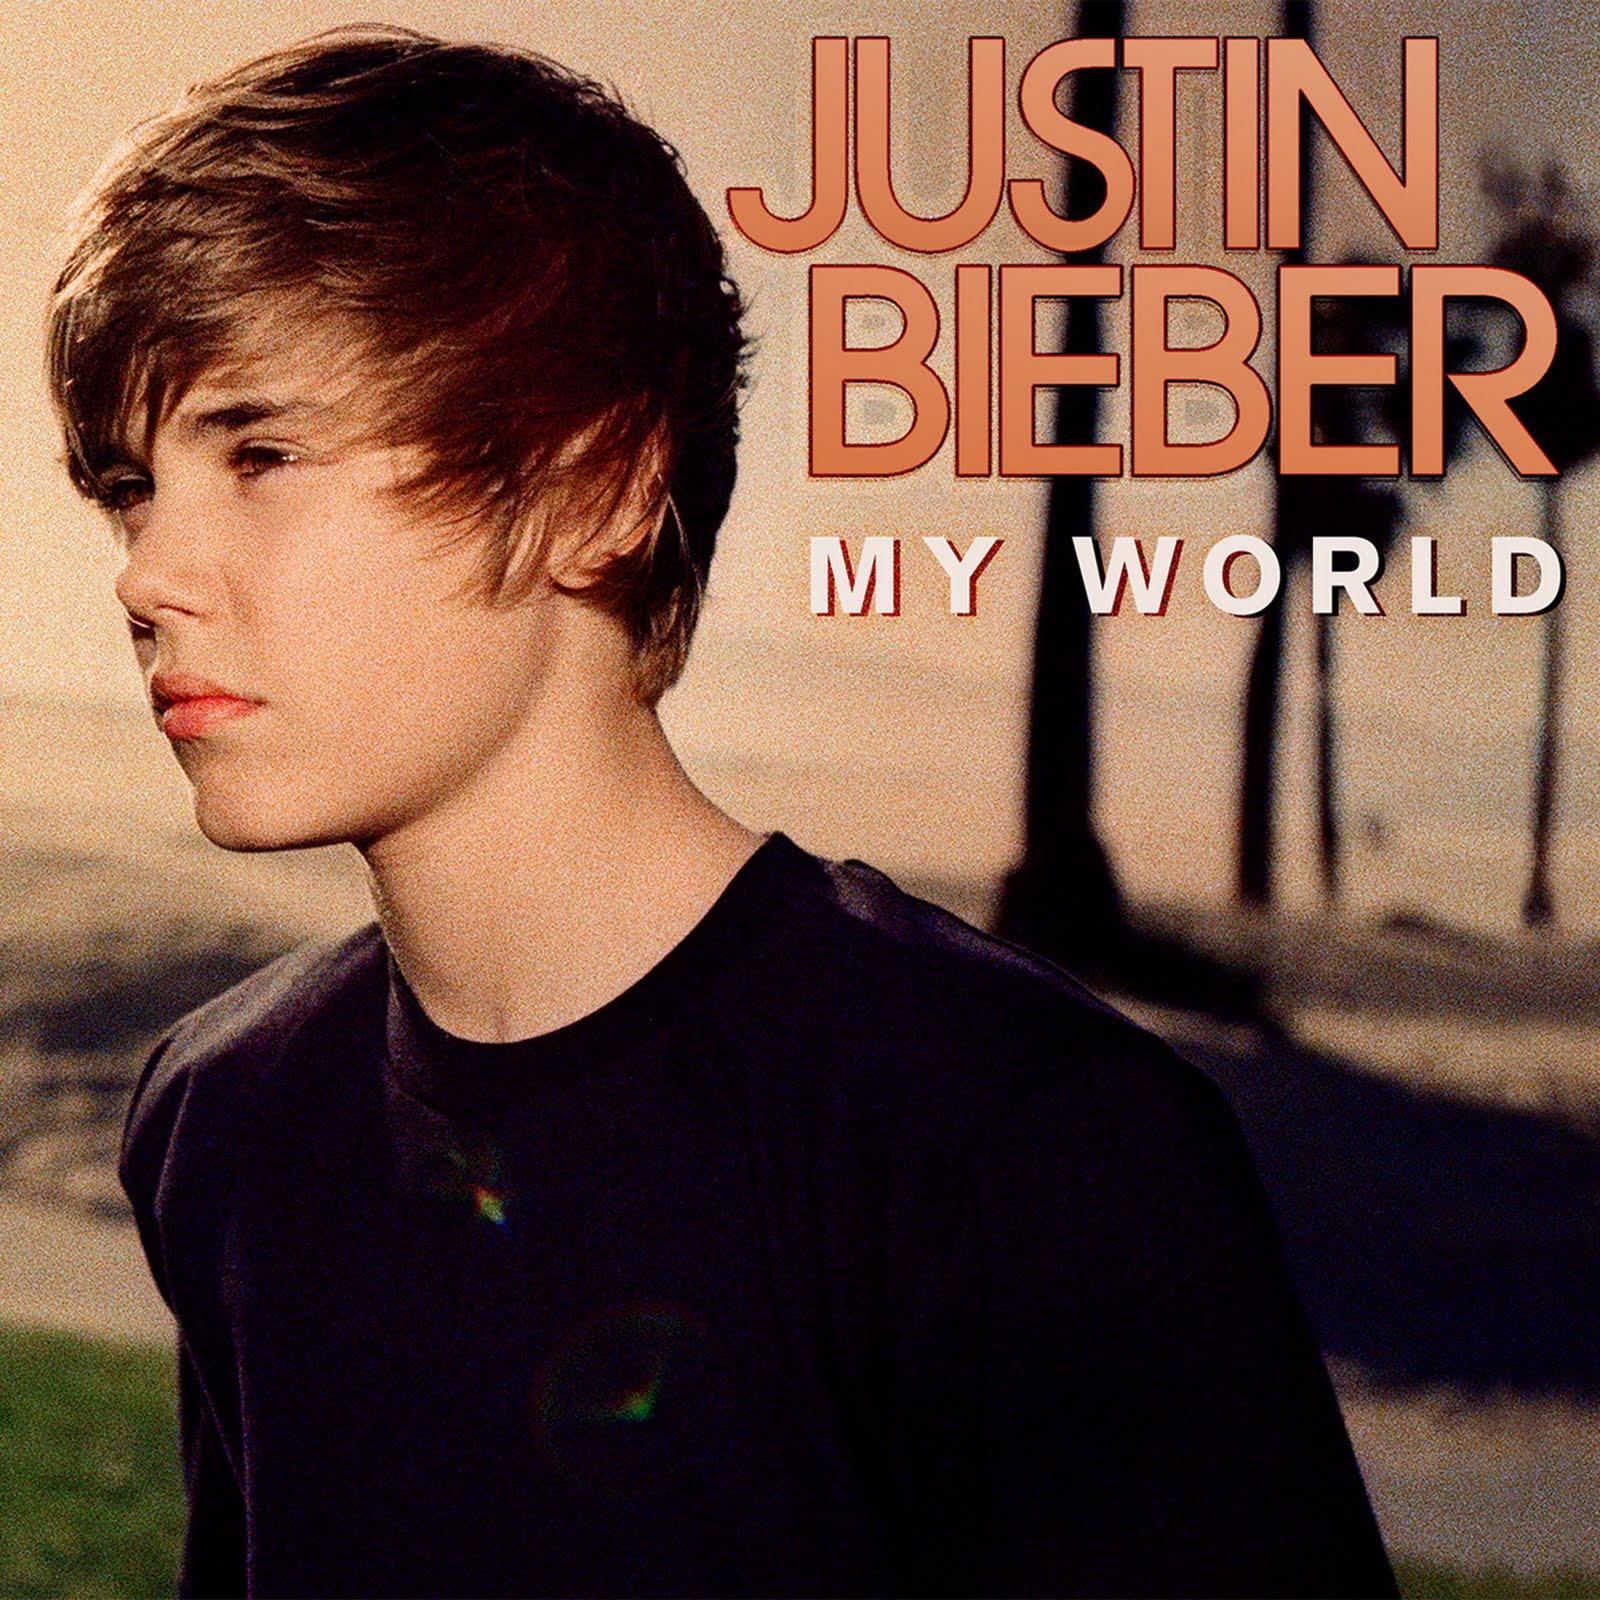 My World (EP) | Justin Bieber Wiki | FANDOM powered by Wikia